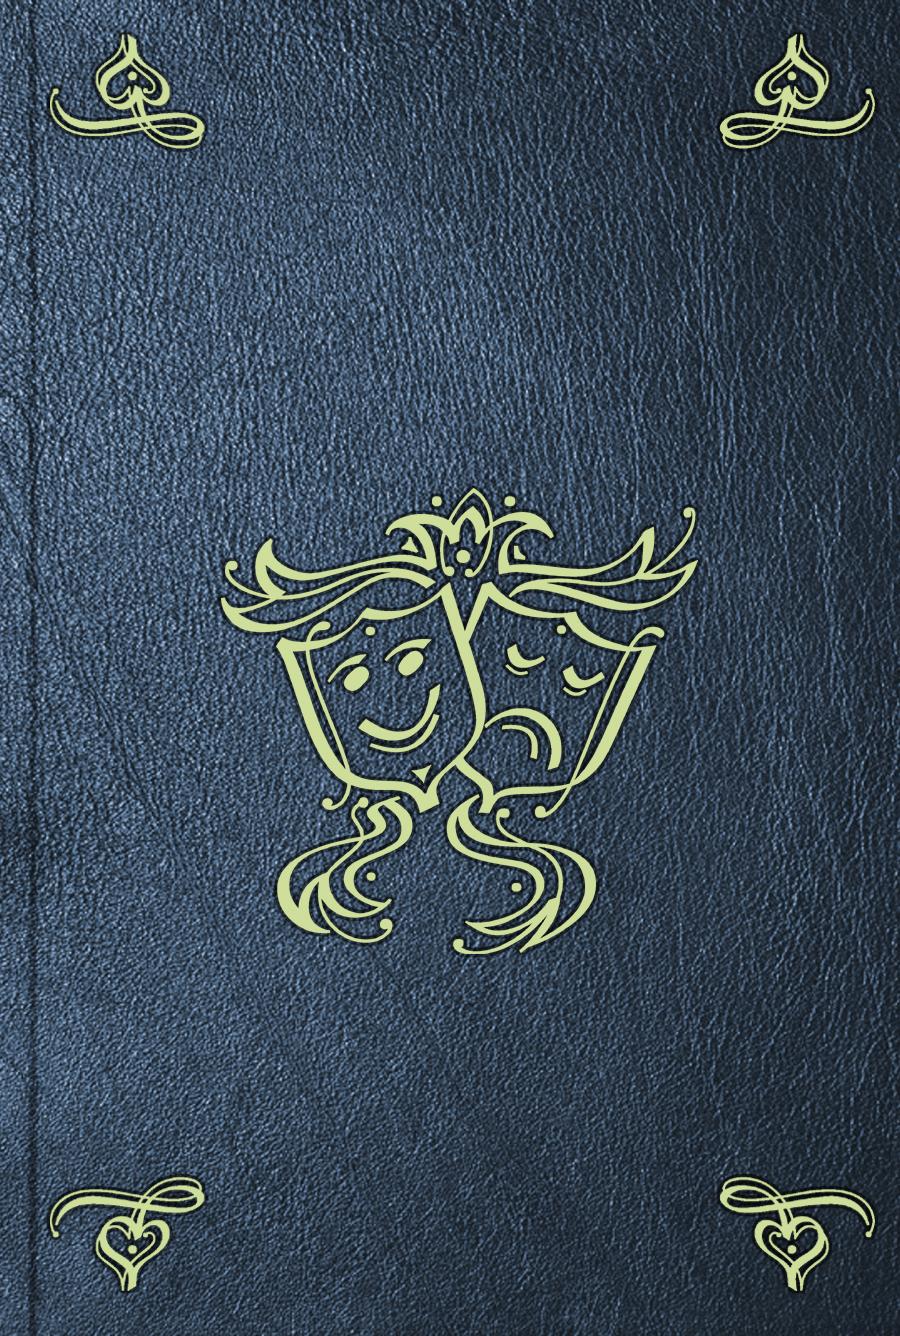 Gasparo Gozzi Opere. Vol. 1 jacopo sanazzaro opere volgari vol 1 of 2 classic reprint